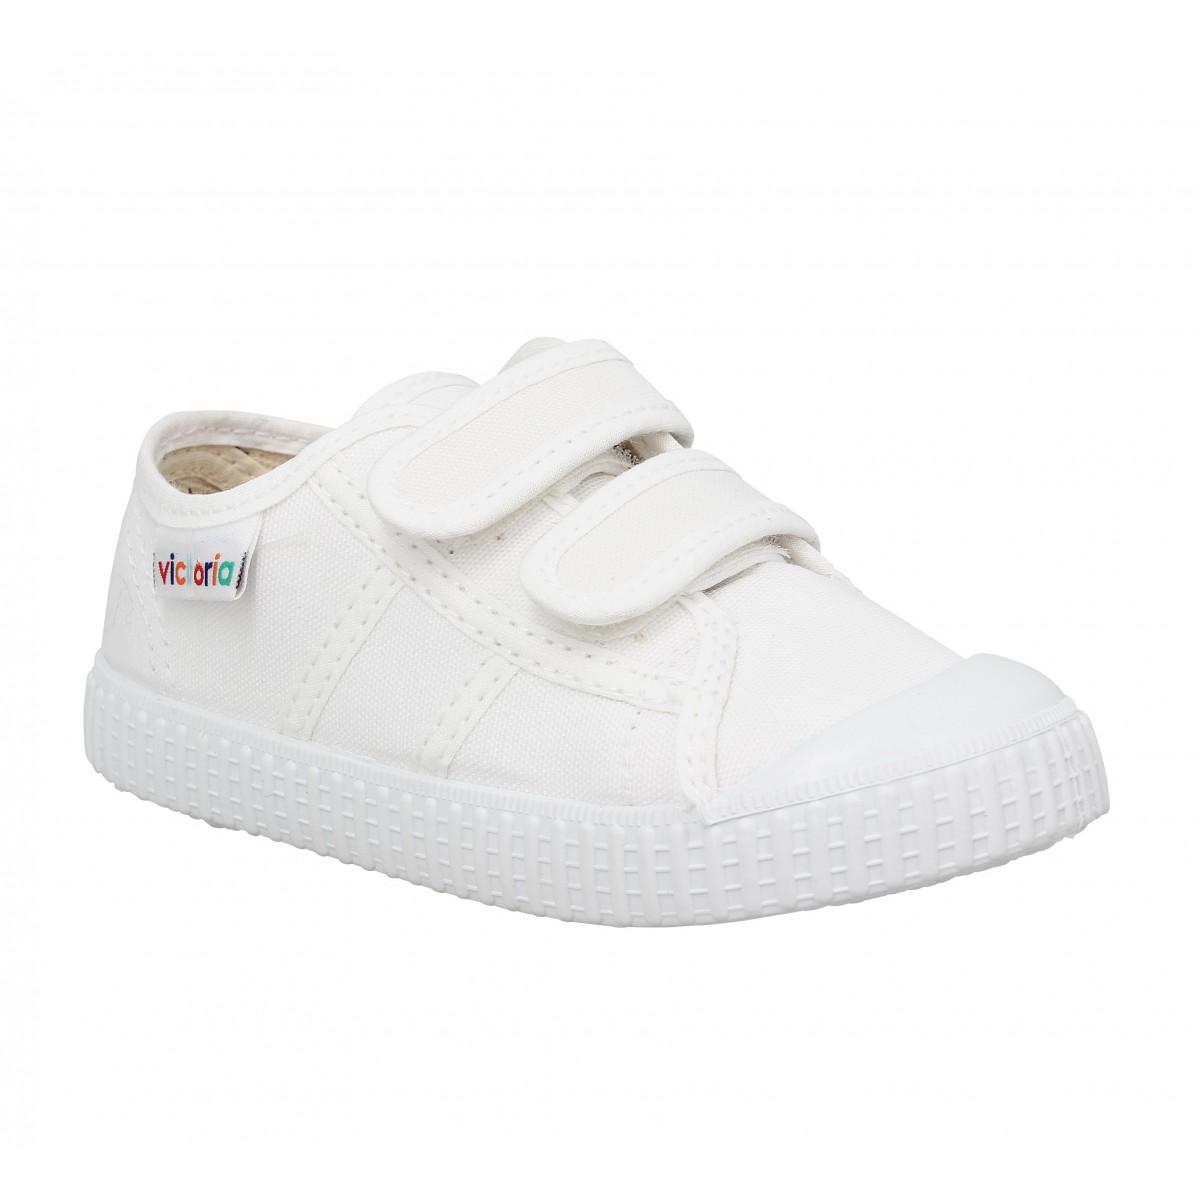 Baskets VICTORIA 36606 Velcro toile Enfant Blanc